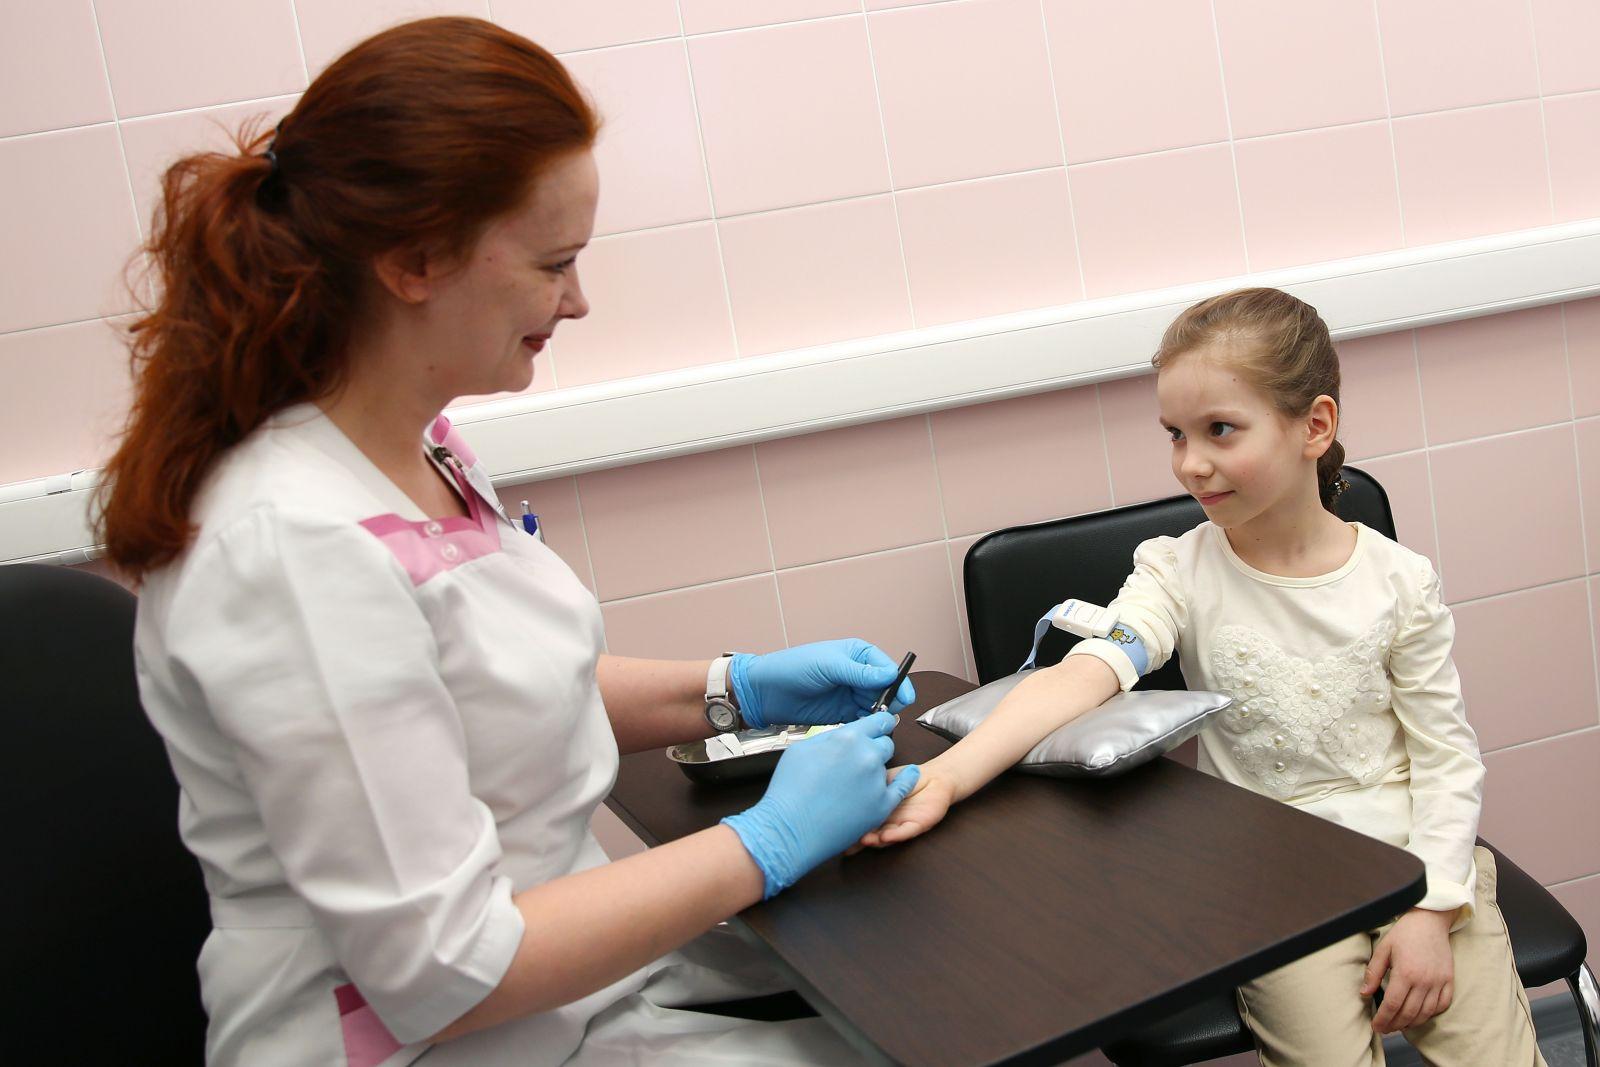 Боязнь сдавать кровь. как научить ребенка не бояться сдавать кровь как боятся брать кровь пальца